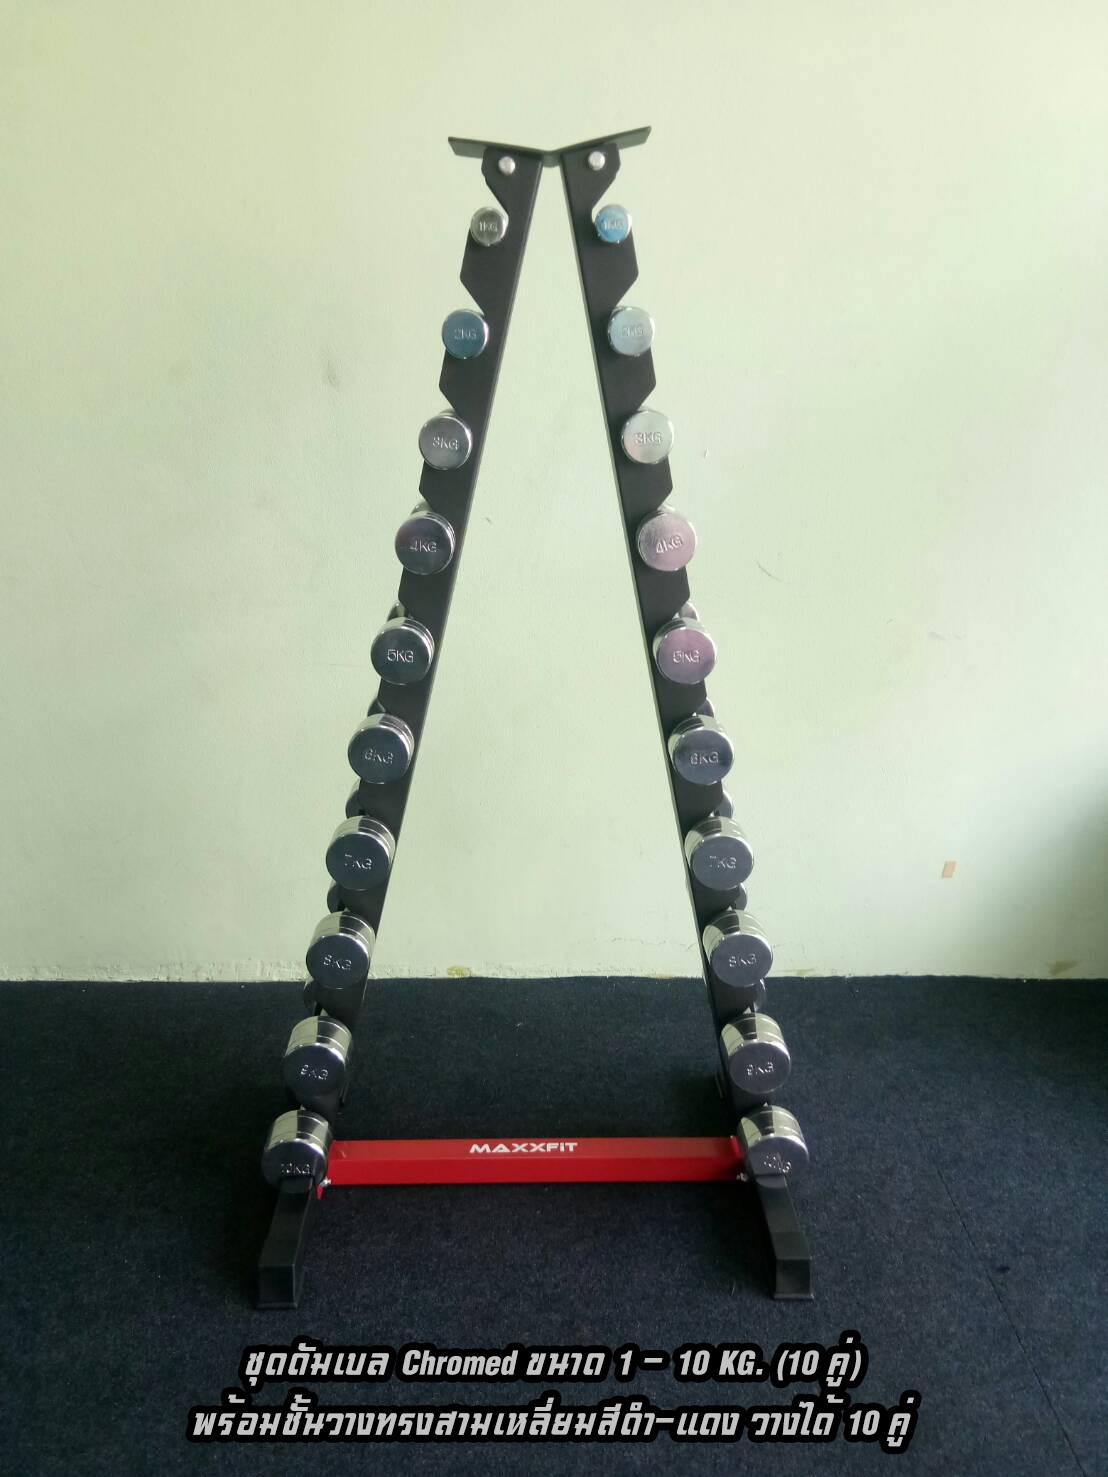 ชุดดัมเบล Chromed ขนาด 1 - 10 KG. (10 คู่) พร้อมชั้นวางทรงสามเหลี่ยมสีดำ-แดง วางได้ 10 คู่